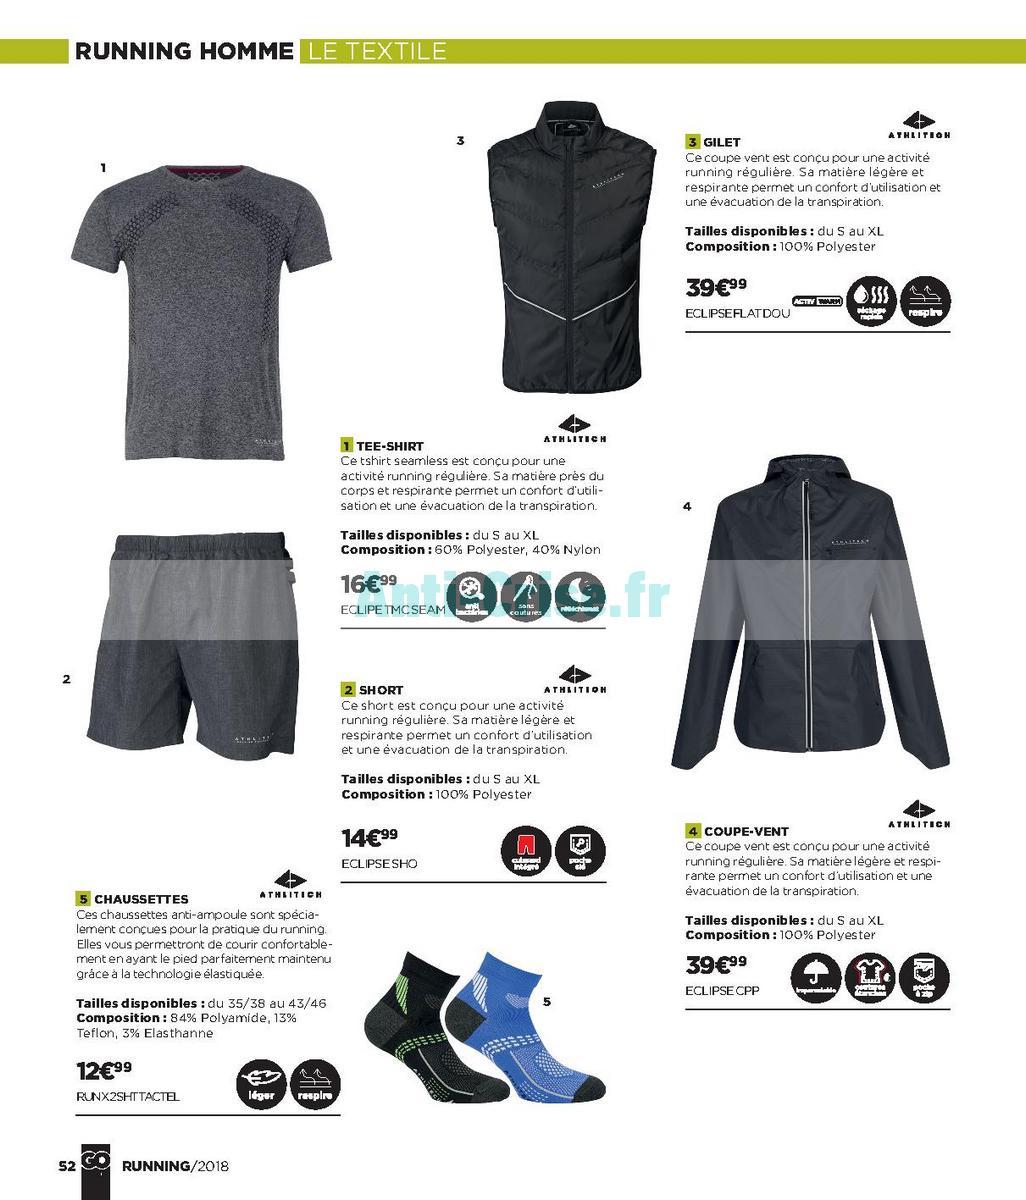 septembre2018 Catalogue Go Sport du 28 avril au 21 septembre 2018 (Running) (52)